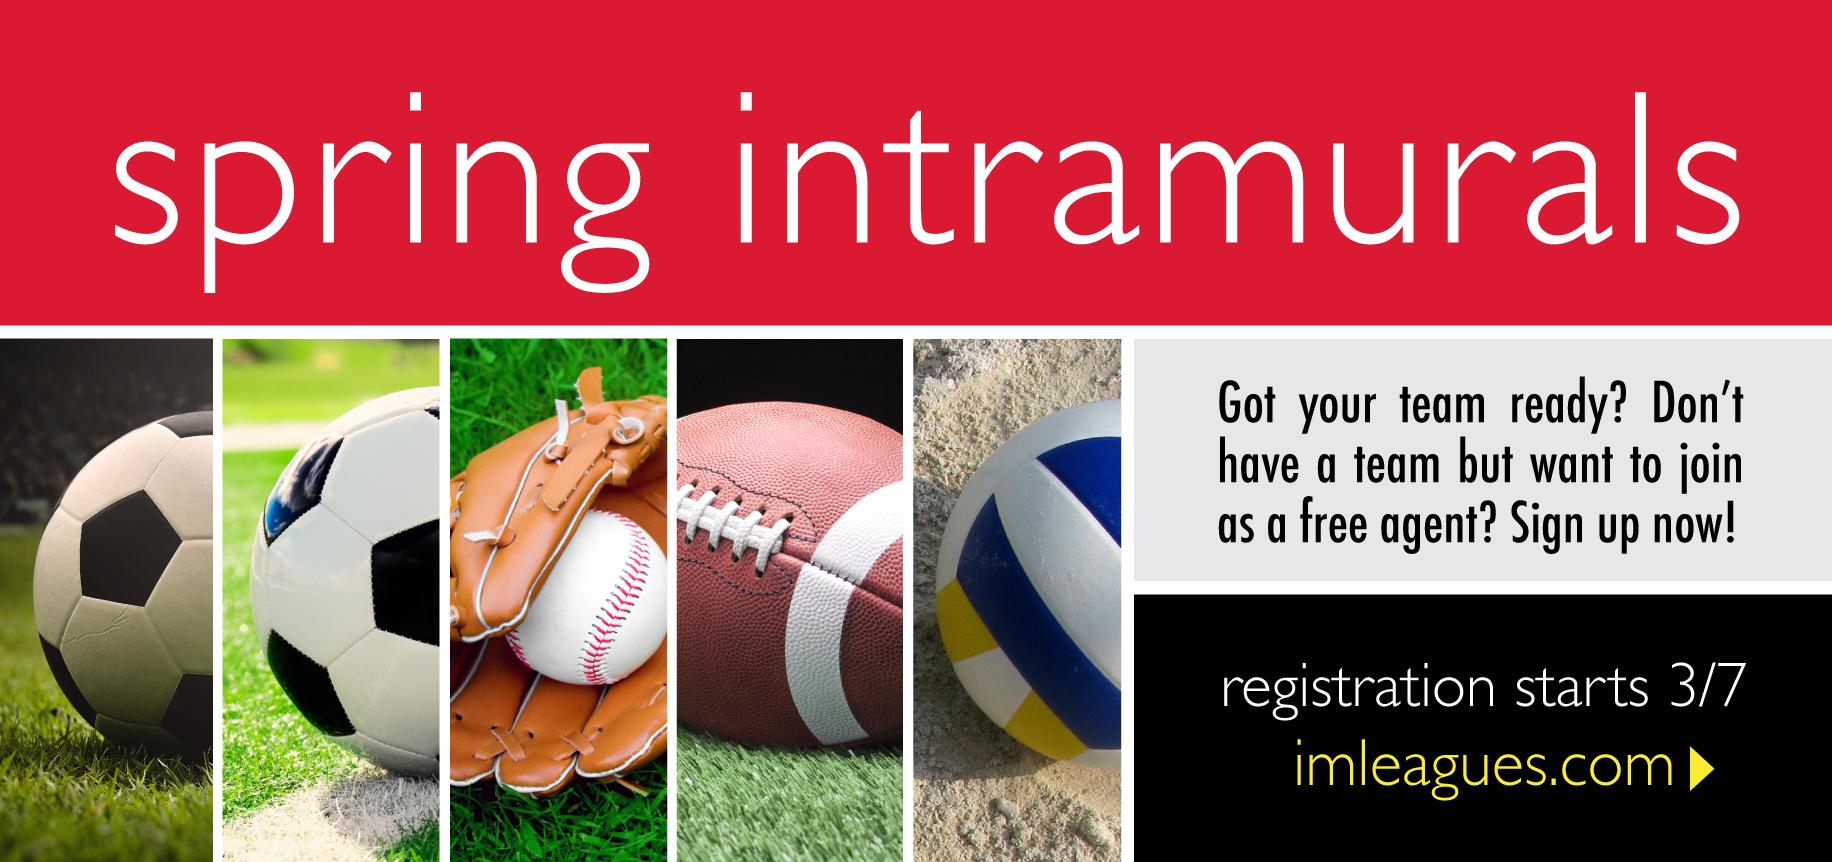 Rec_Intramurals_Spring_WebBanner_S19_KP